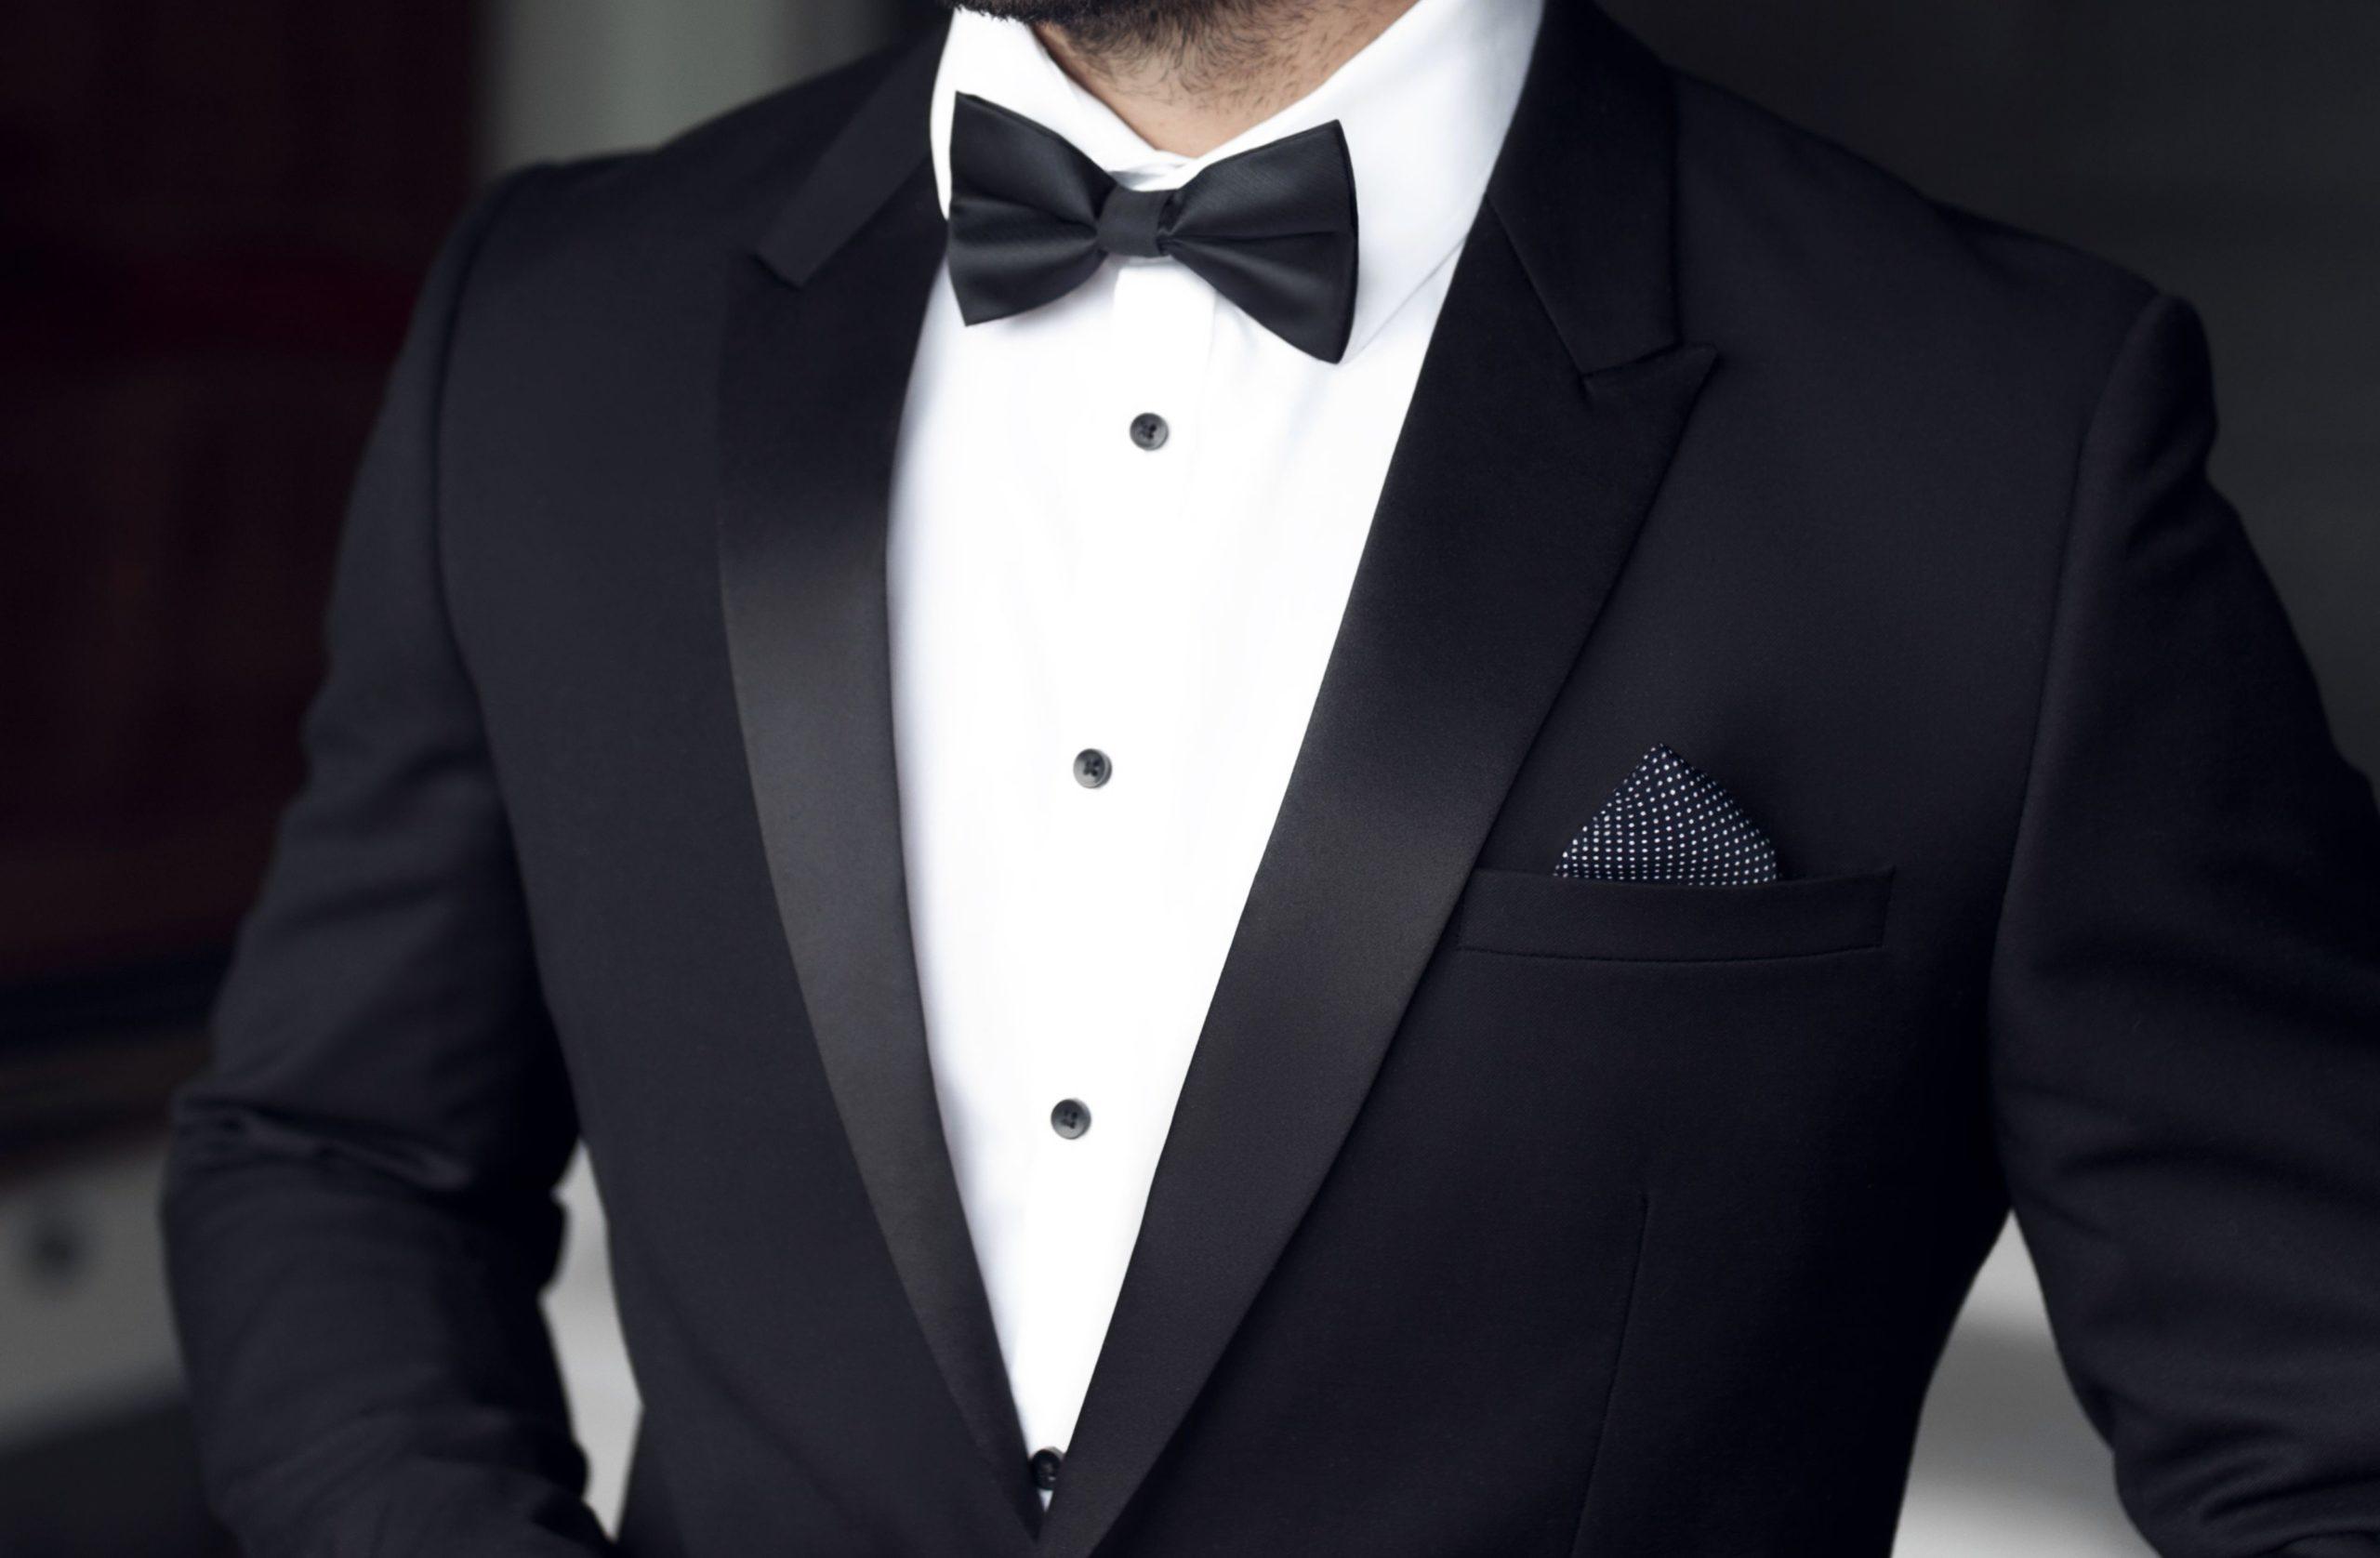 Black tie dress code. Poznaj jego najważniejsze zasady